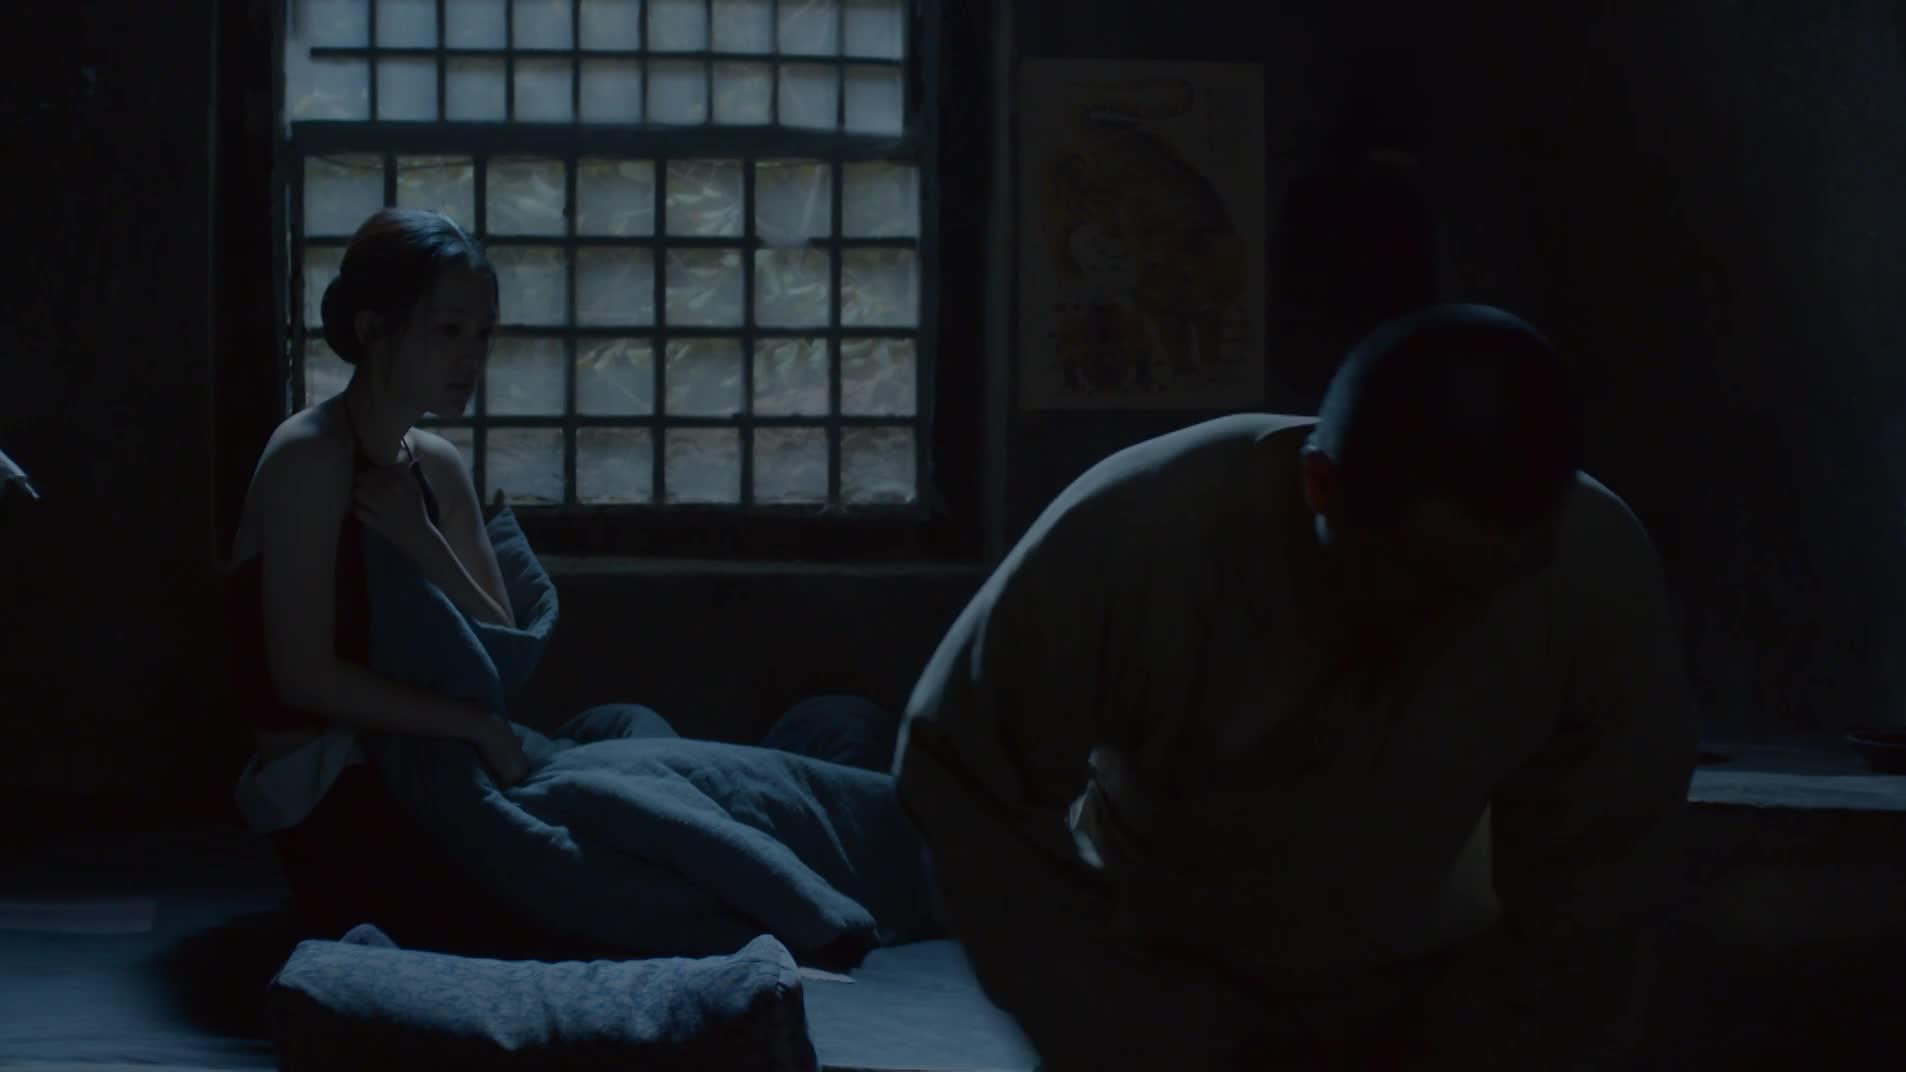 怜的田小娥,被鹿子霖哄骗睡觉,睡完就走